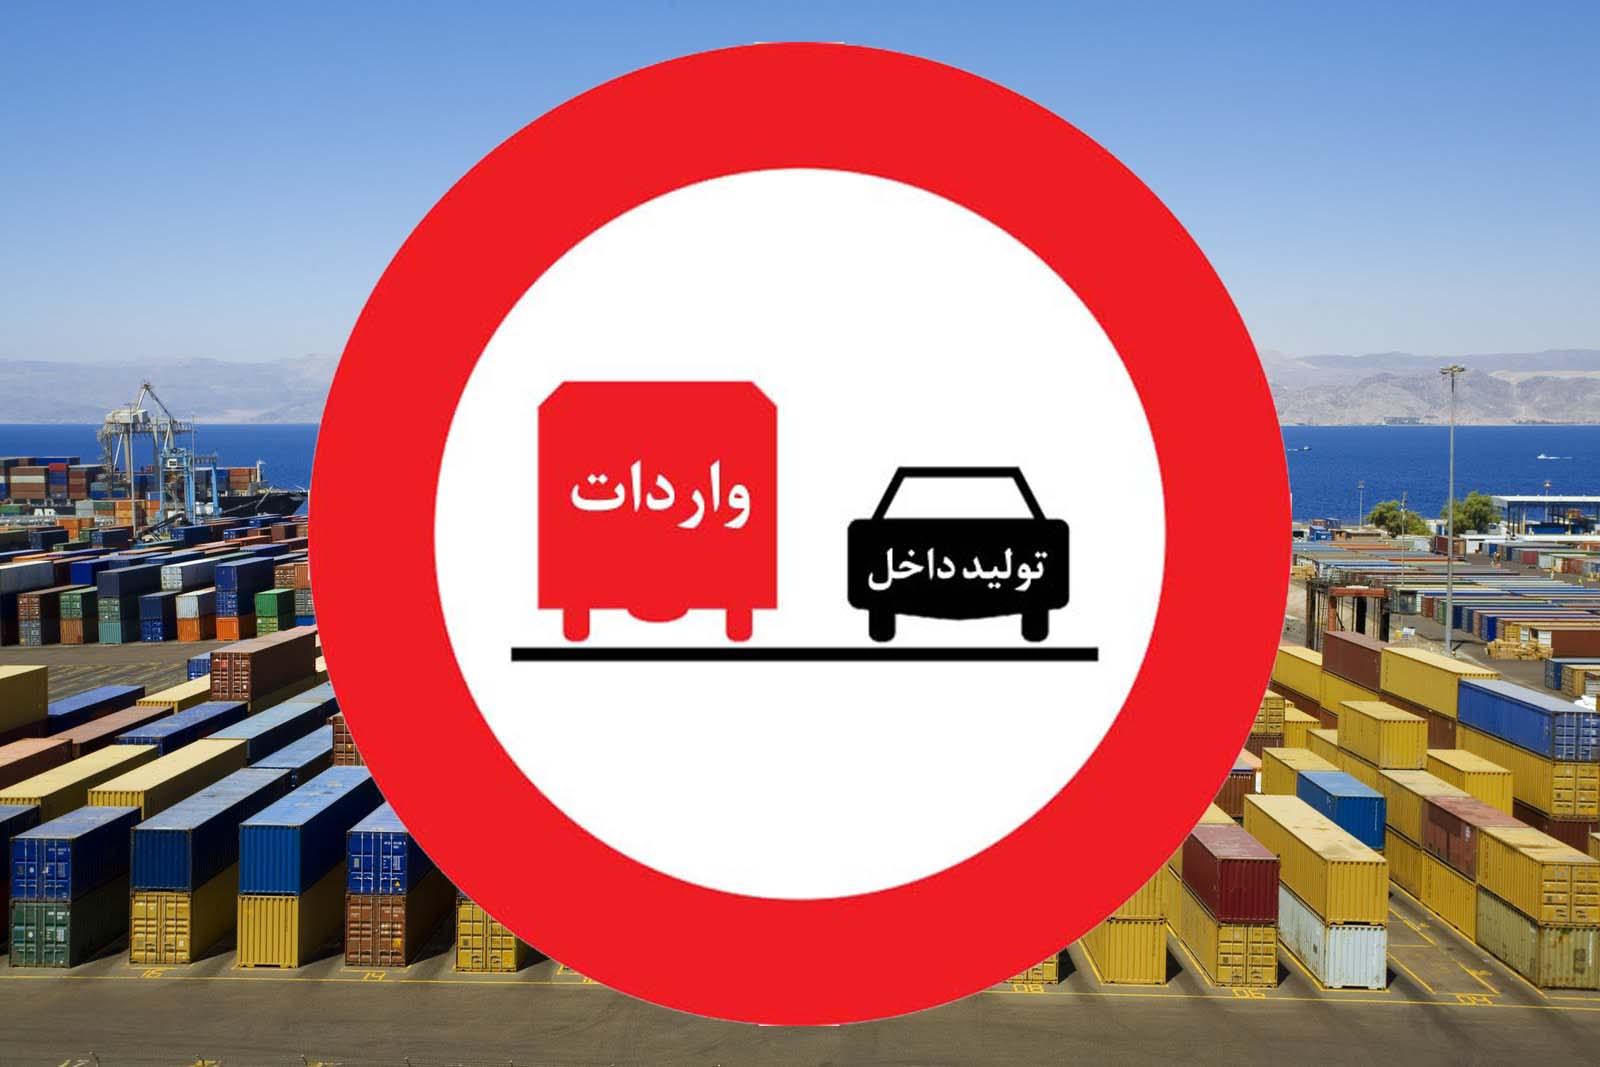 واردات سنگ قبر از چین/همگام با محصولات چینی از طلوع دل انگیز تا غروب غم انگیز !